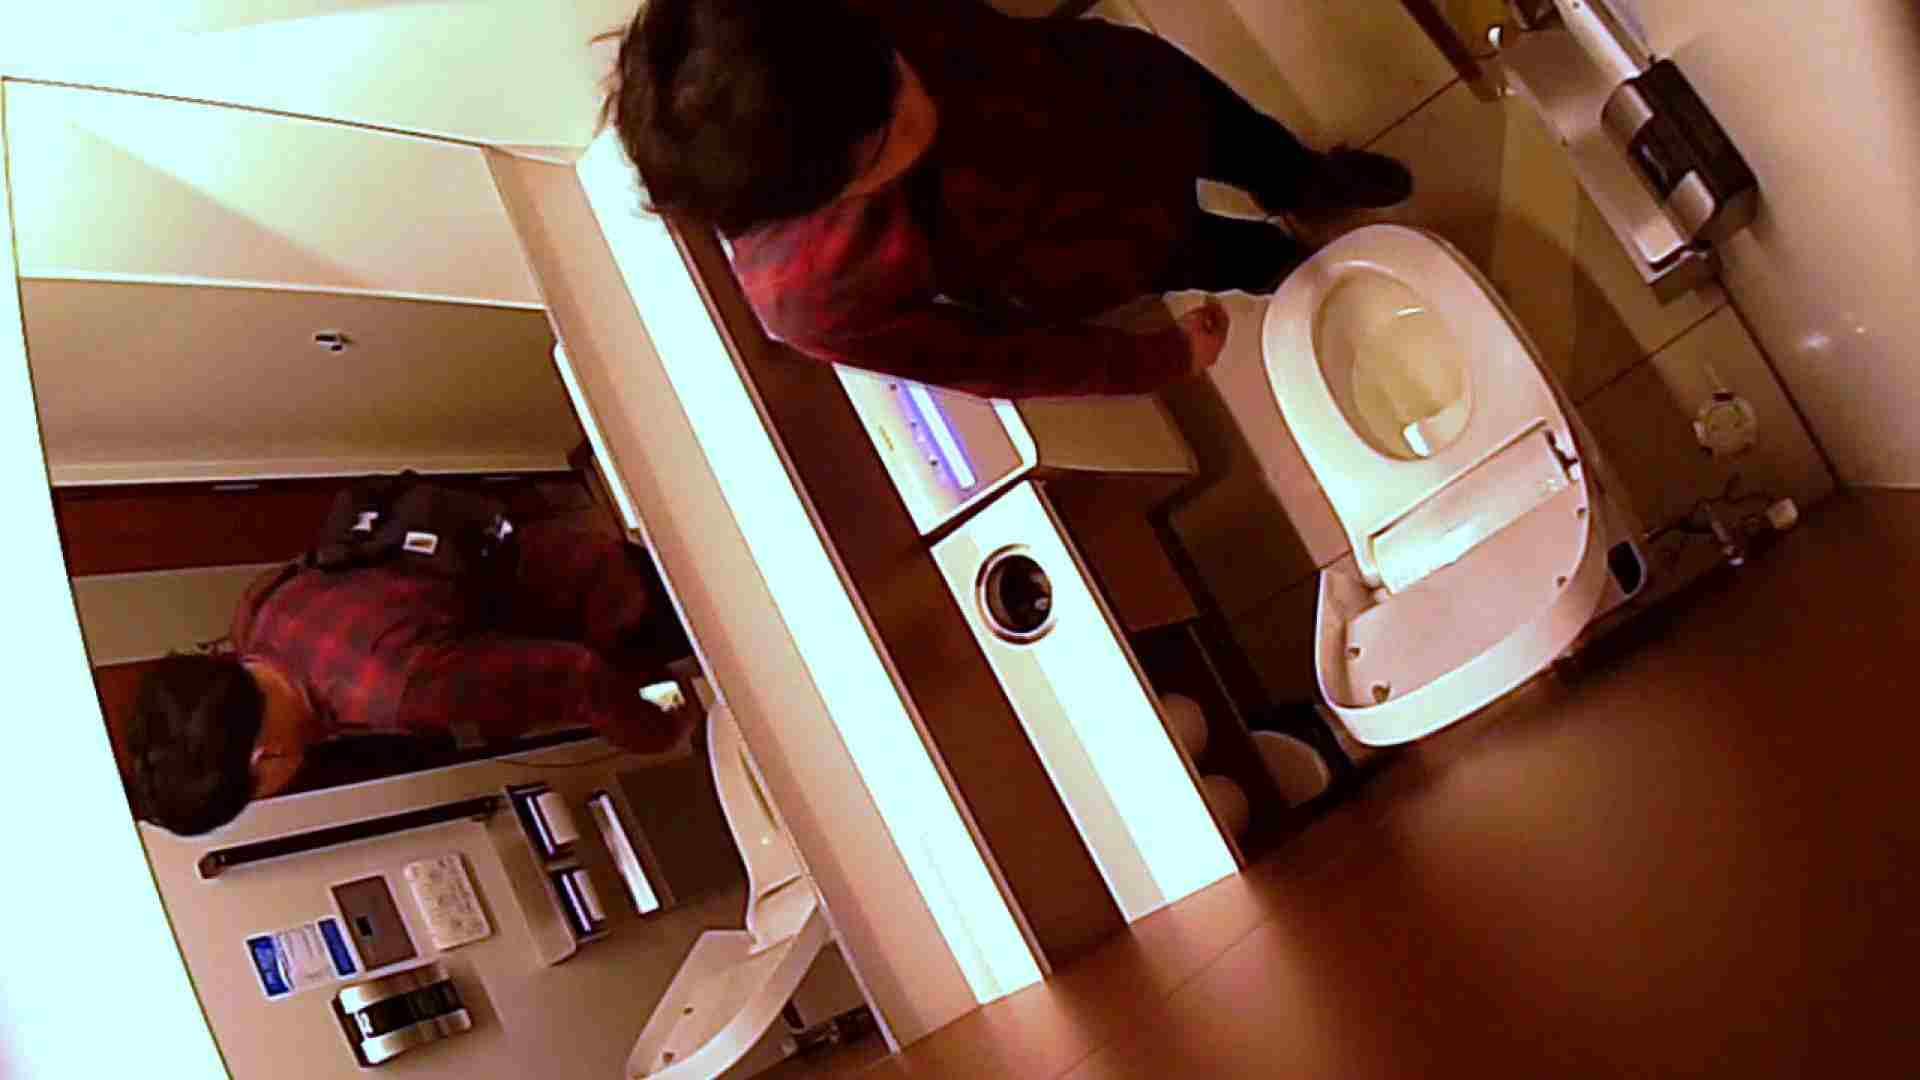 すみませんが覗かせてください Vol.32 トイレ | 0  61連発 21